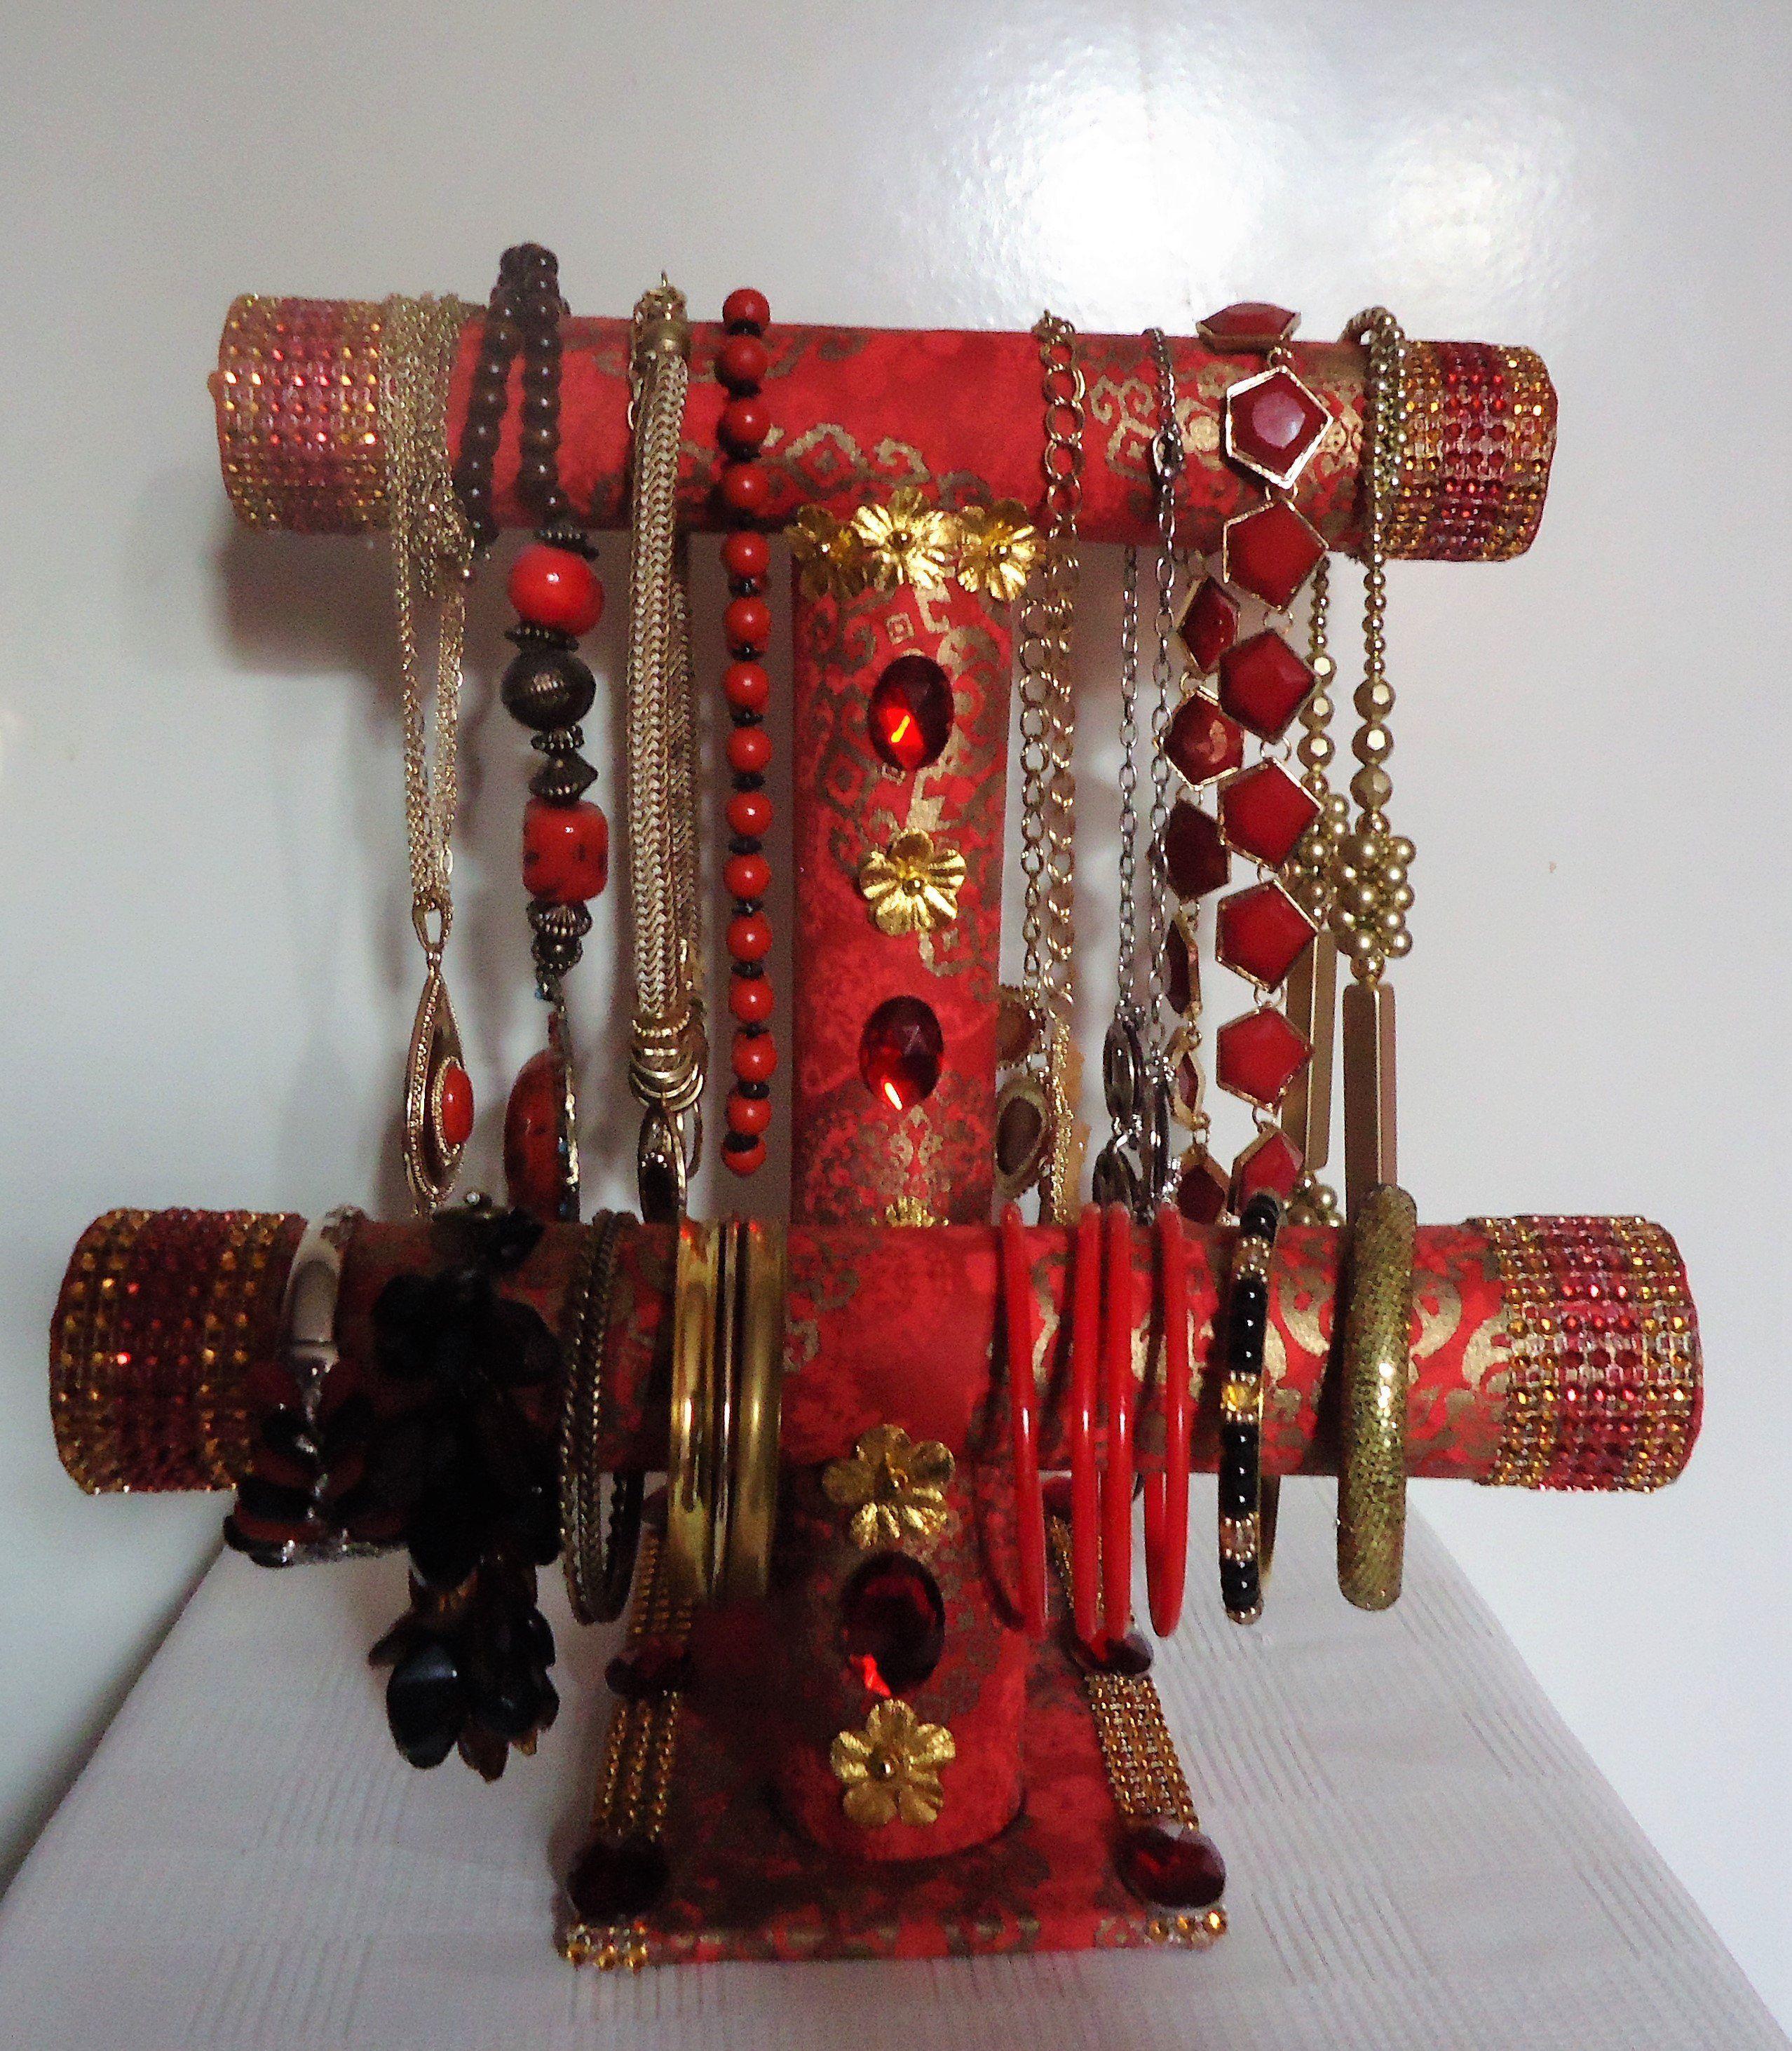 Jewelry Stand, Jewelry Holder, Jewelry Organizer, Jewelry